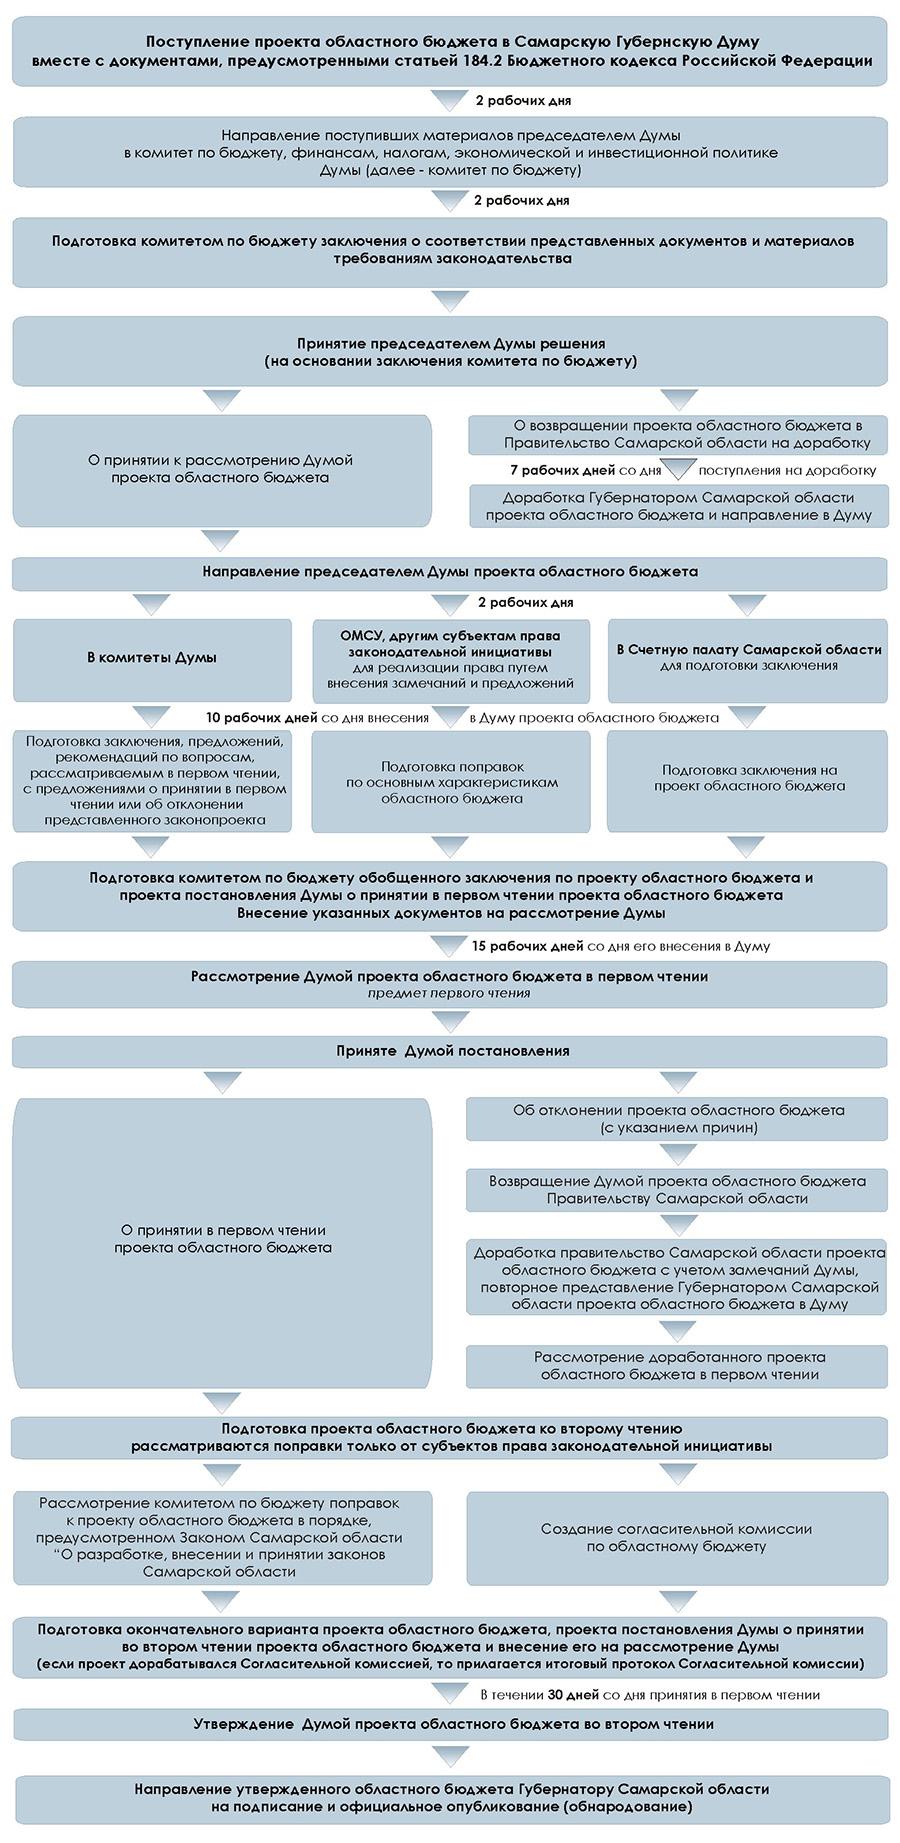 Прохождение бюджета Самарской области в Самарской Губернской Думе